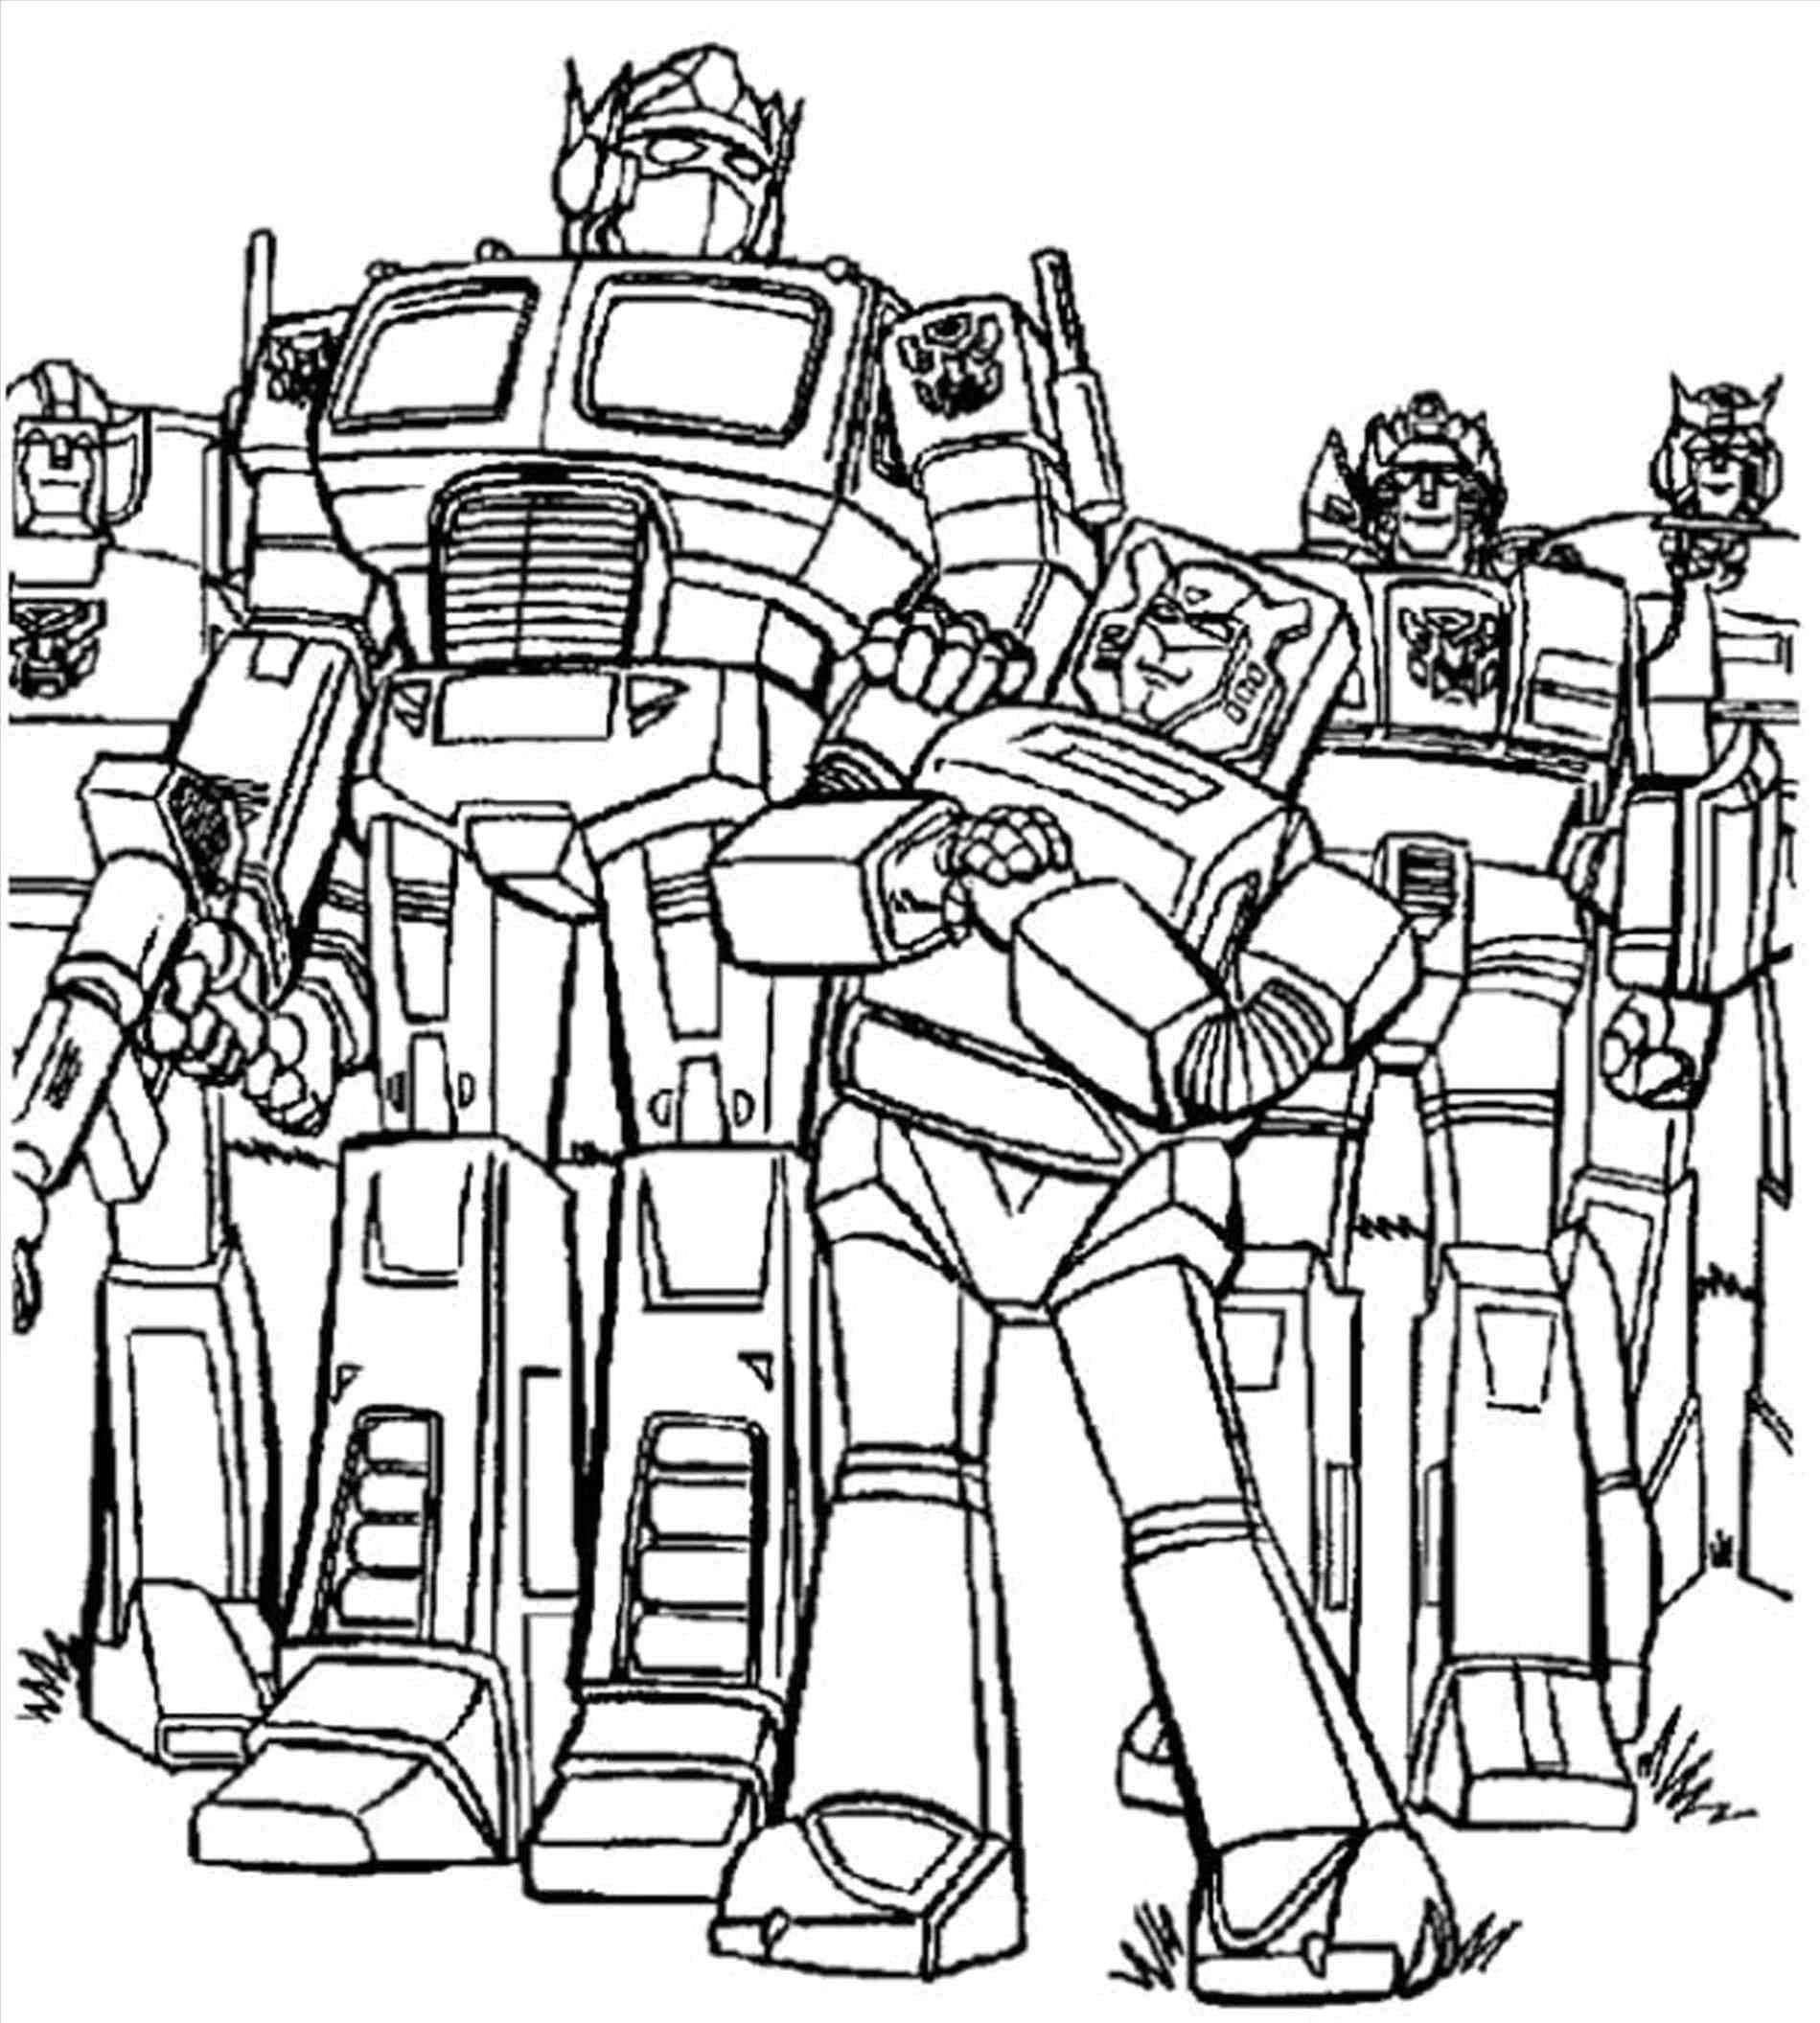 Большое количество раскрасок с роботами. Раскраски Роботы